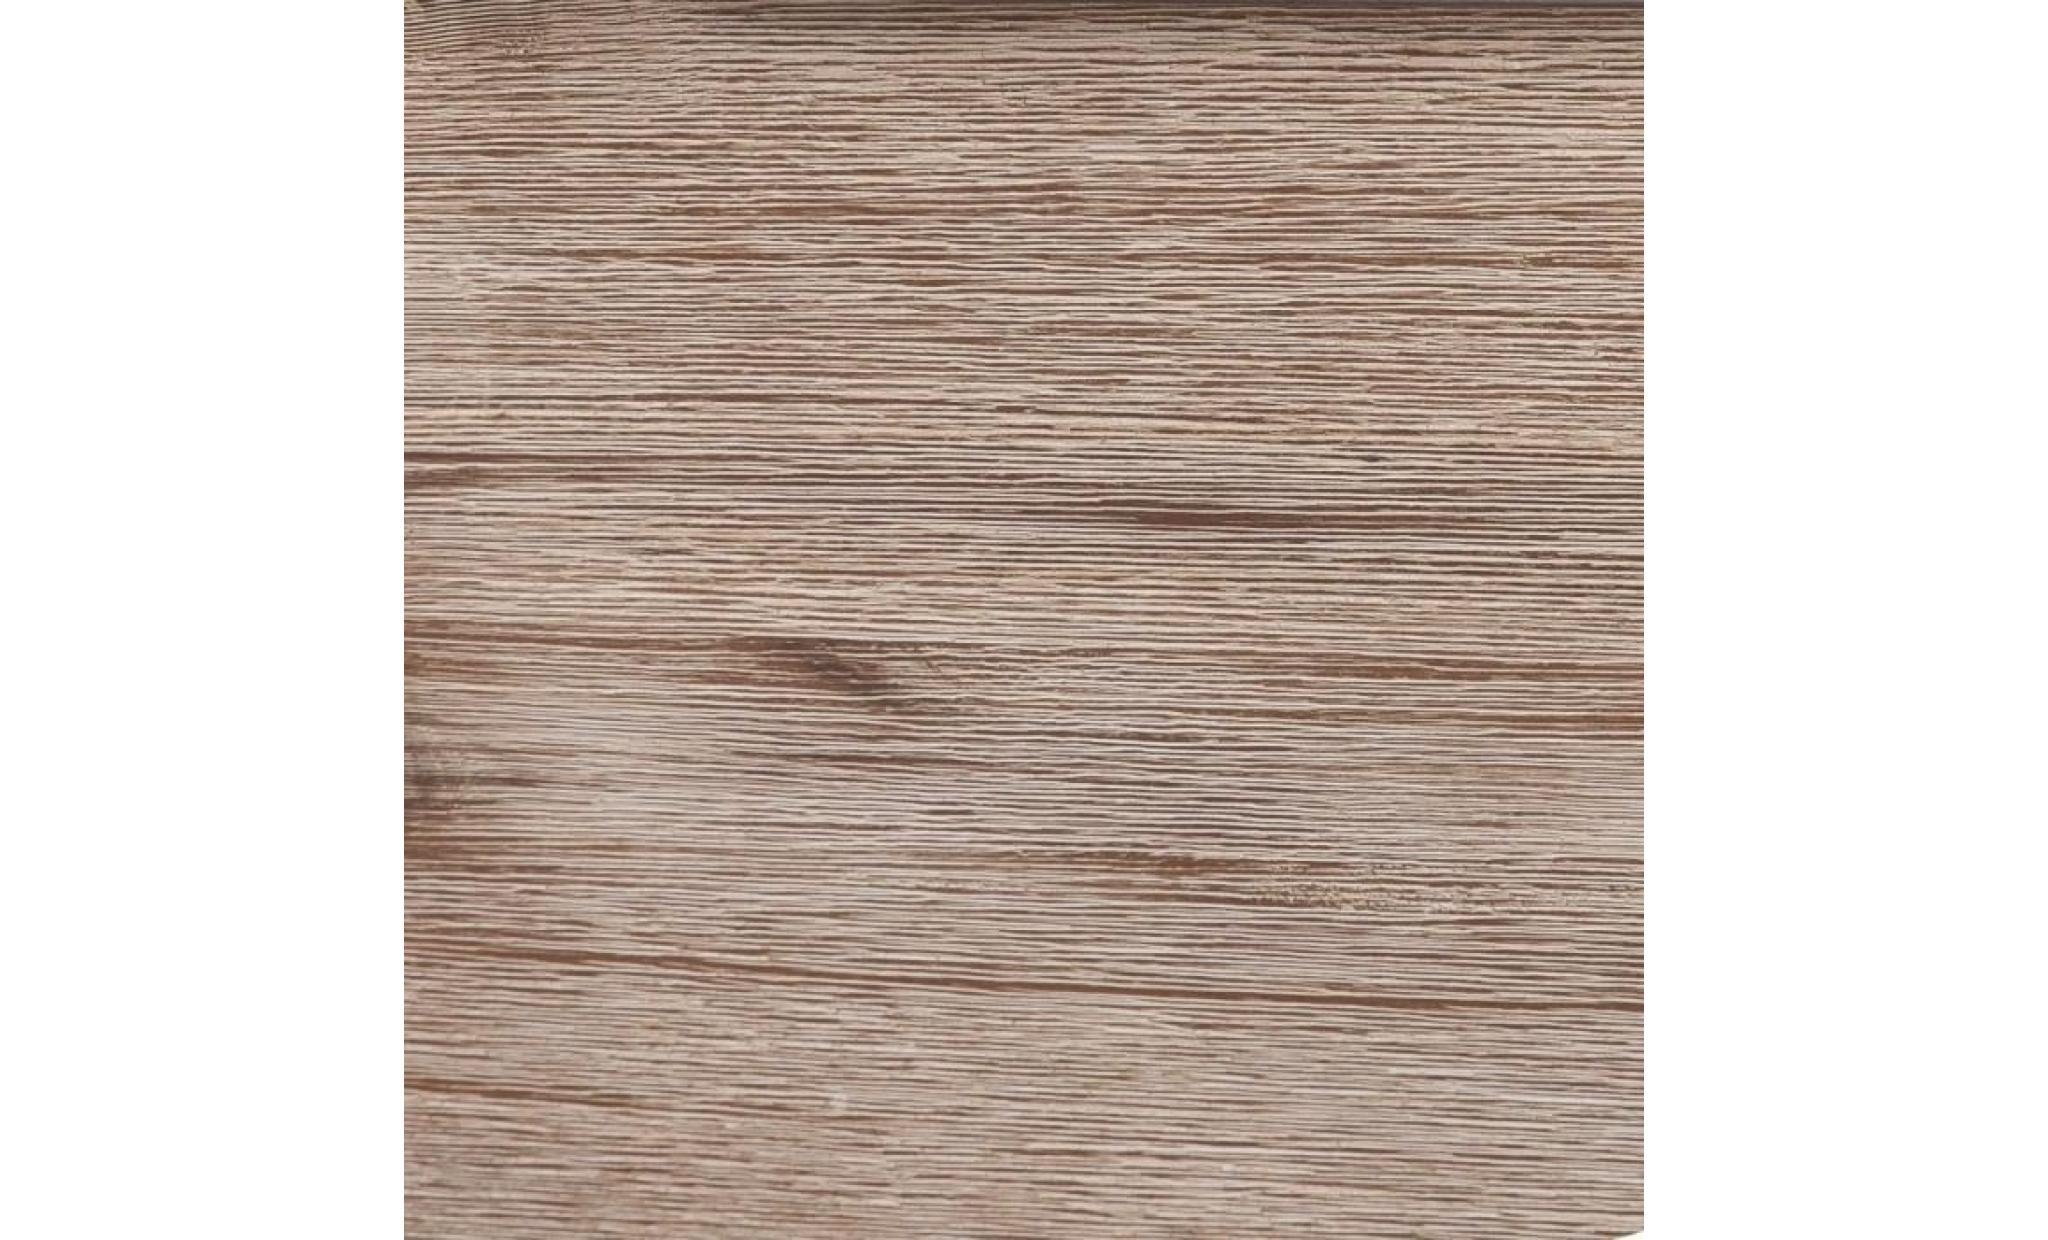 meuble tv meuble salon bois d acacia massif brosse 140 x 38 x 40 cm achat vente meuble tv pas cher couleur et design fr